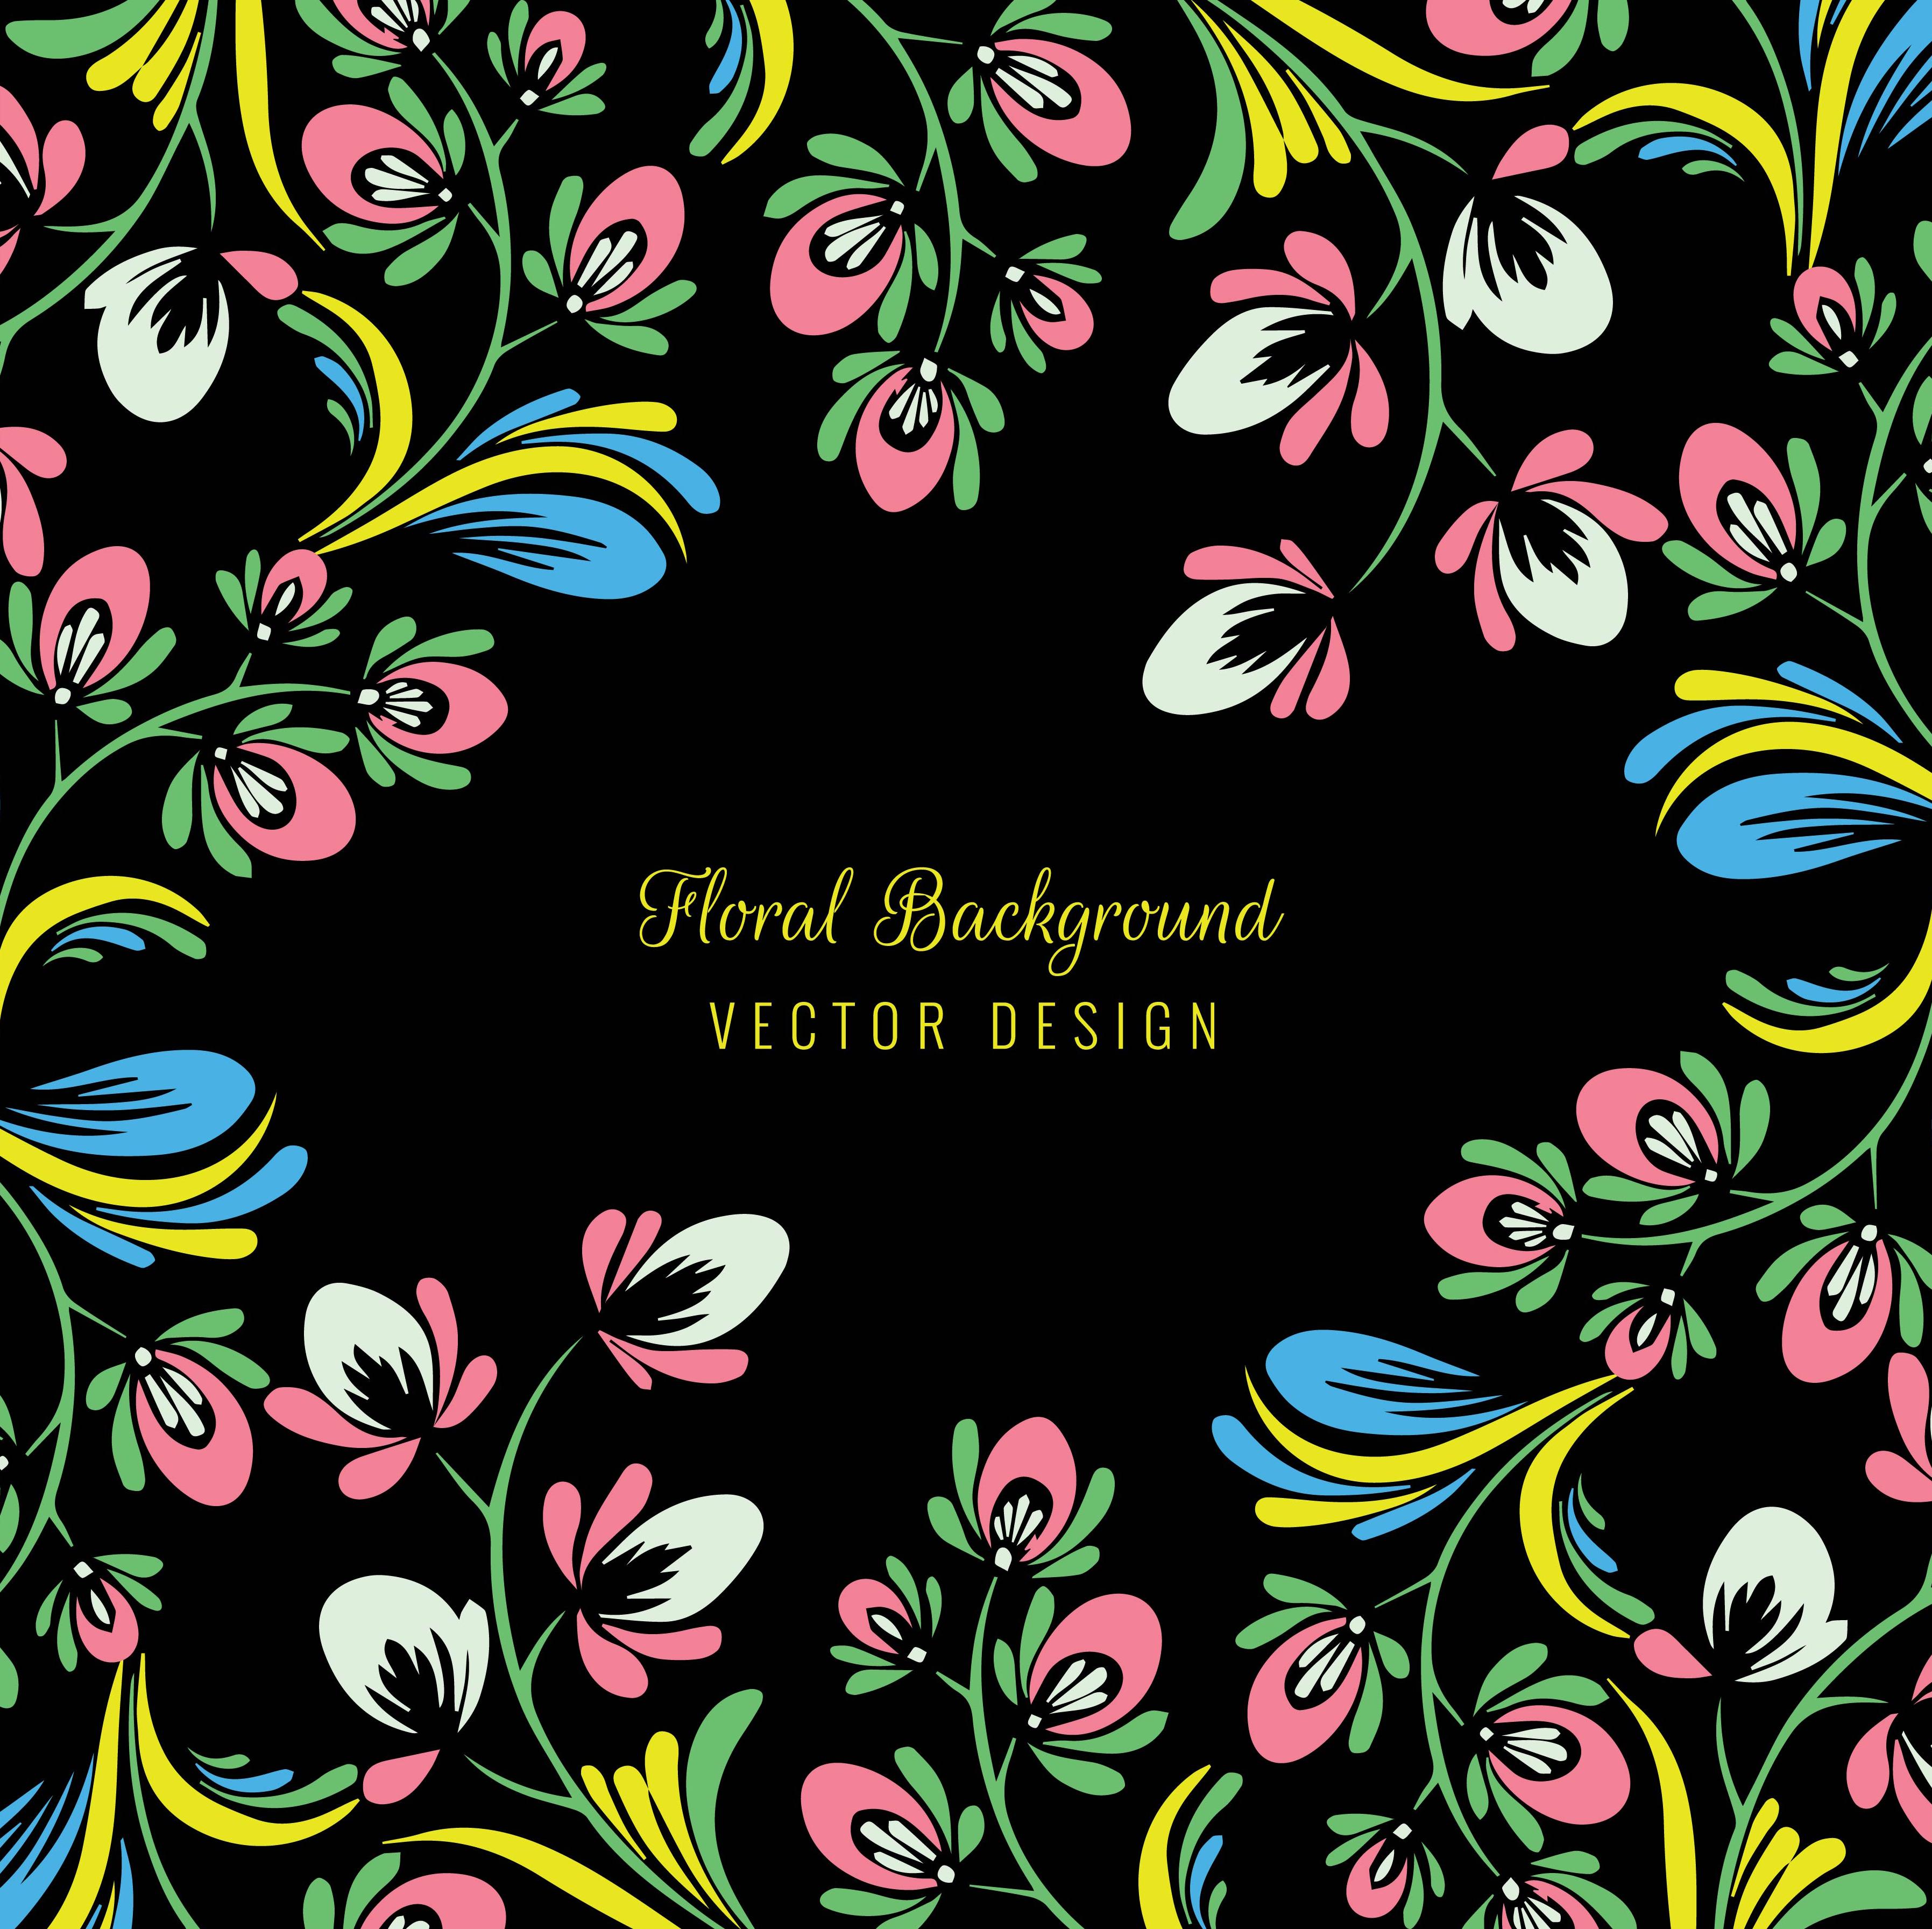 Elegant Ornament Colorful Floral On A Black Background Download